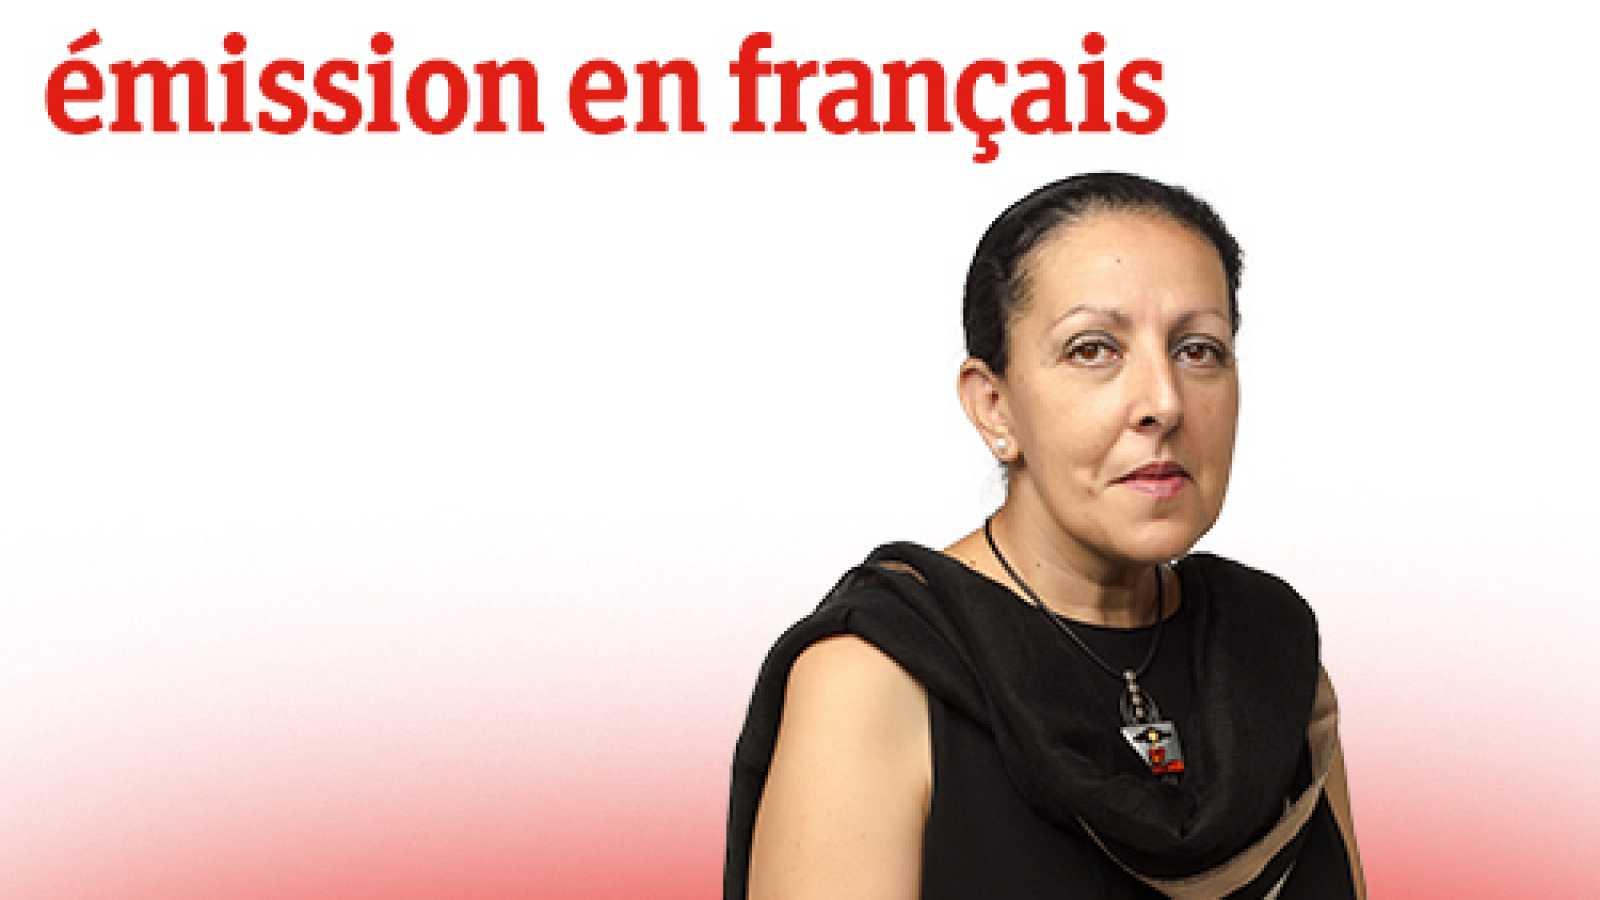 Emission en français - Dans la maison de Lope de Vega - 24/10/20 - escuchar ahora